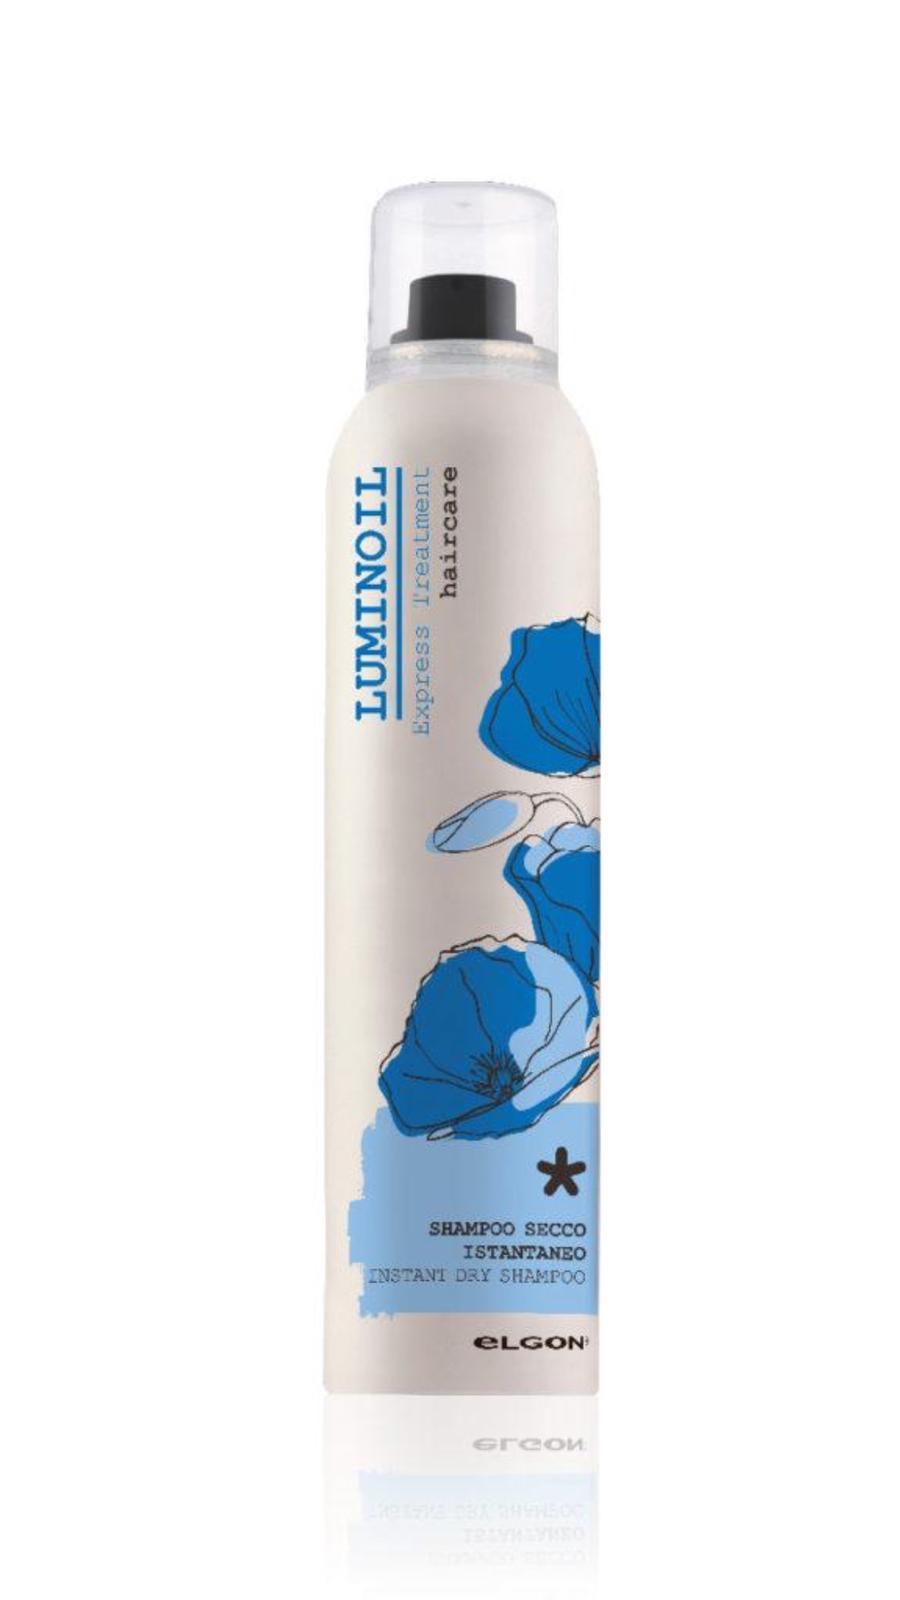 Shampoo Secco Istantaneo - LUMINOIL